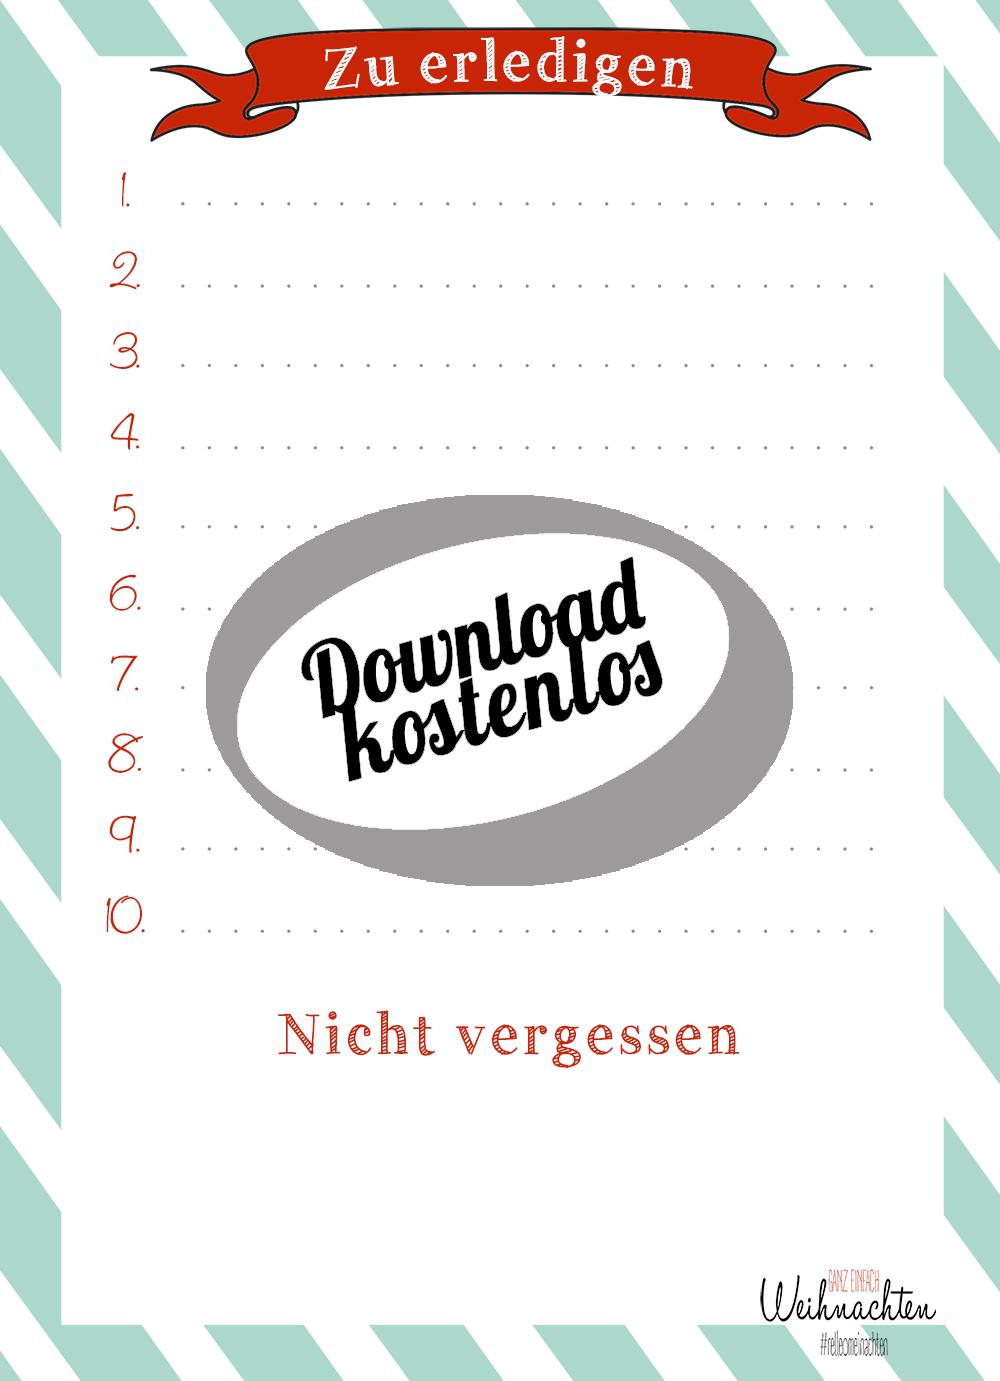 Todo Liste als kostenloser Download - Weihnachtsliste | relleomein.de